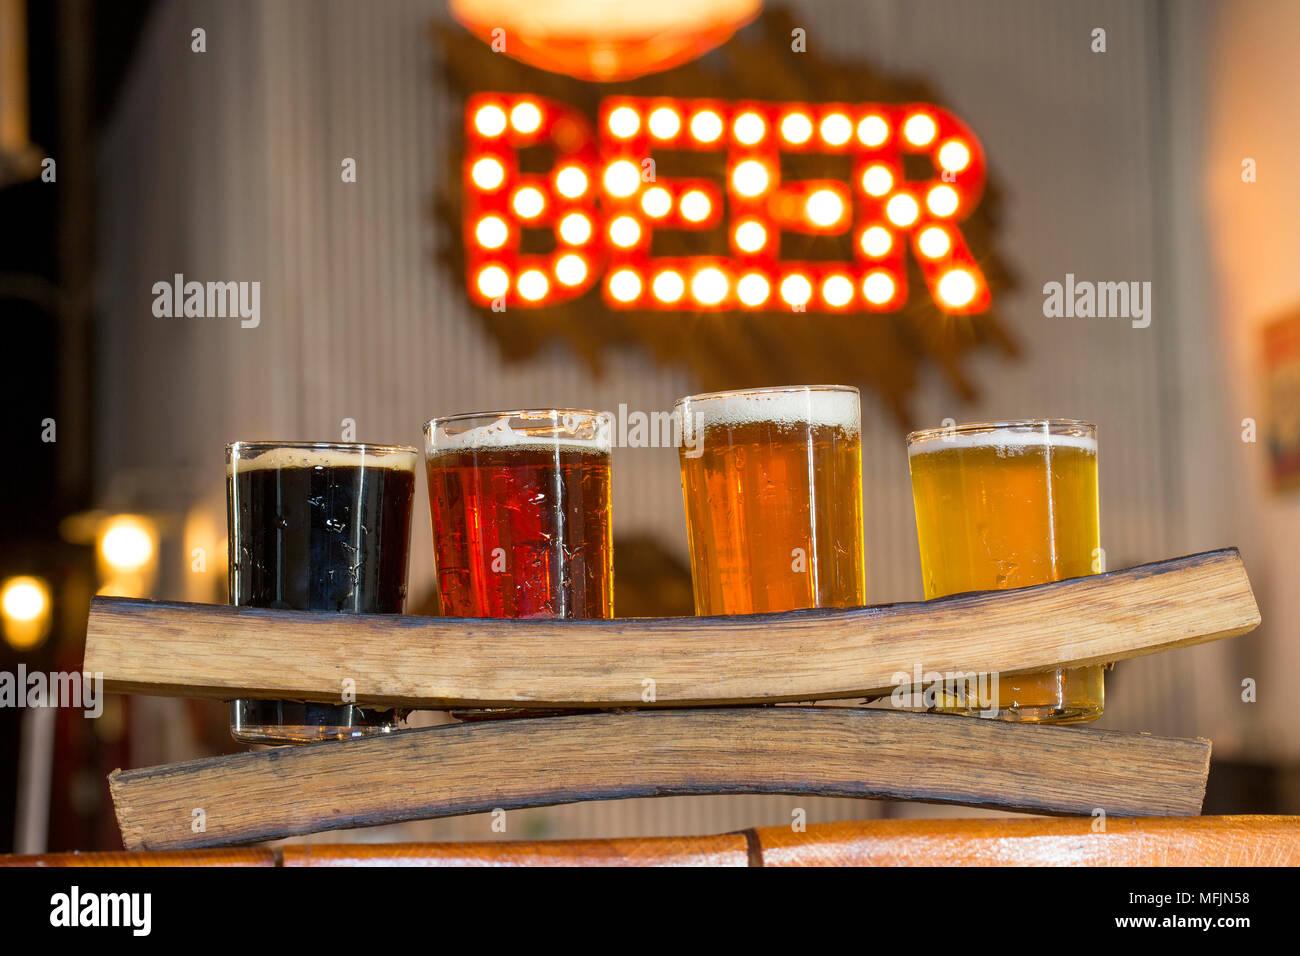 Ein sampler Flug von Bier in einer örtlichen Brauerei. Stockbild